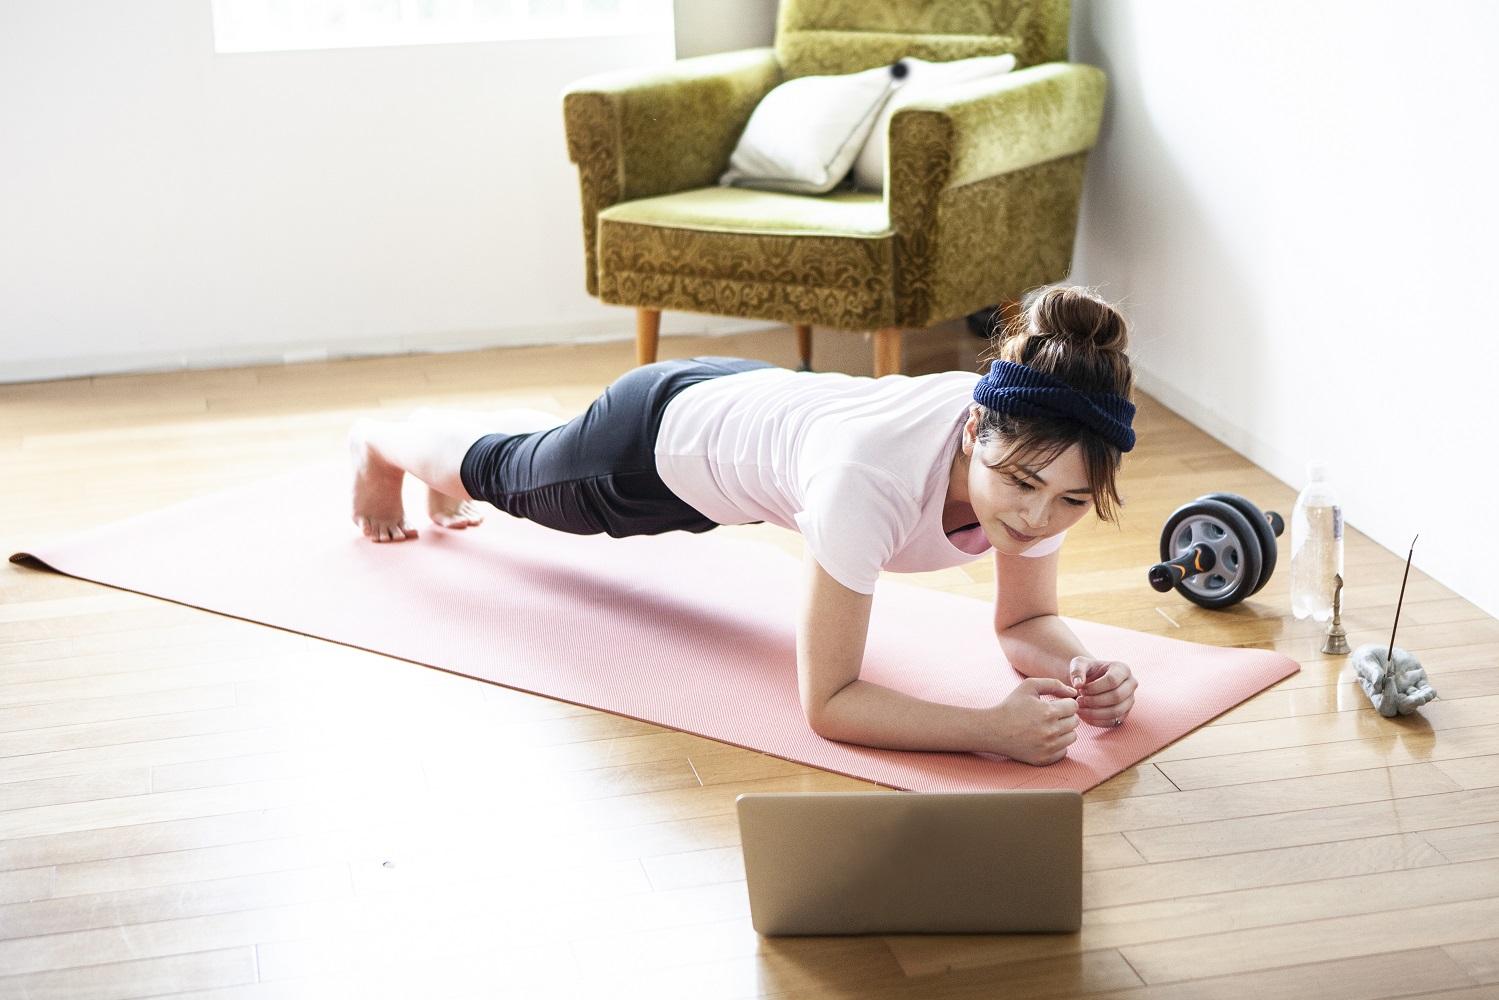 ぽっこりお腹を撃退! 体幹を鍛える筋肉トレーニング